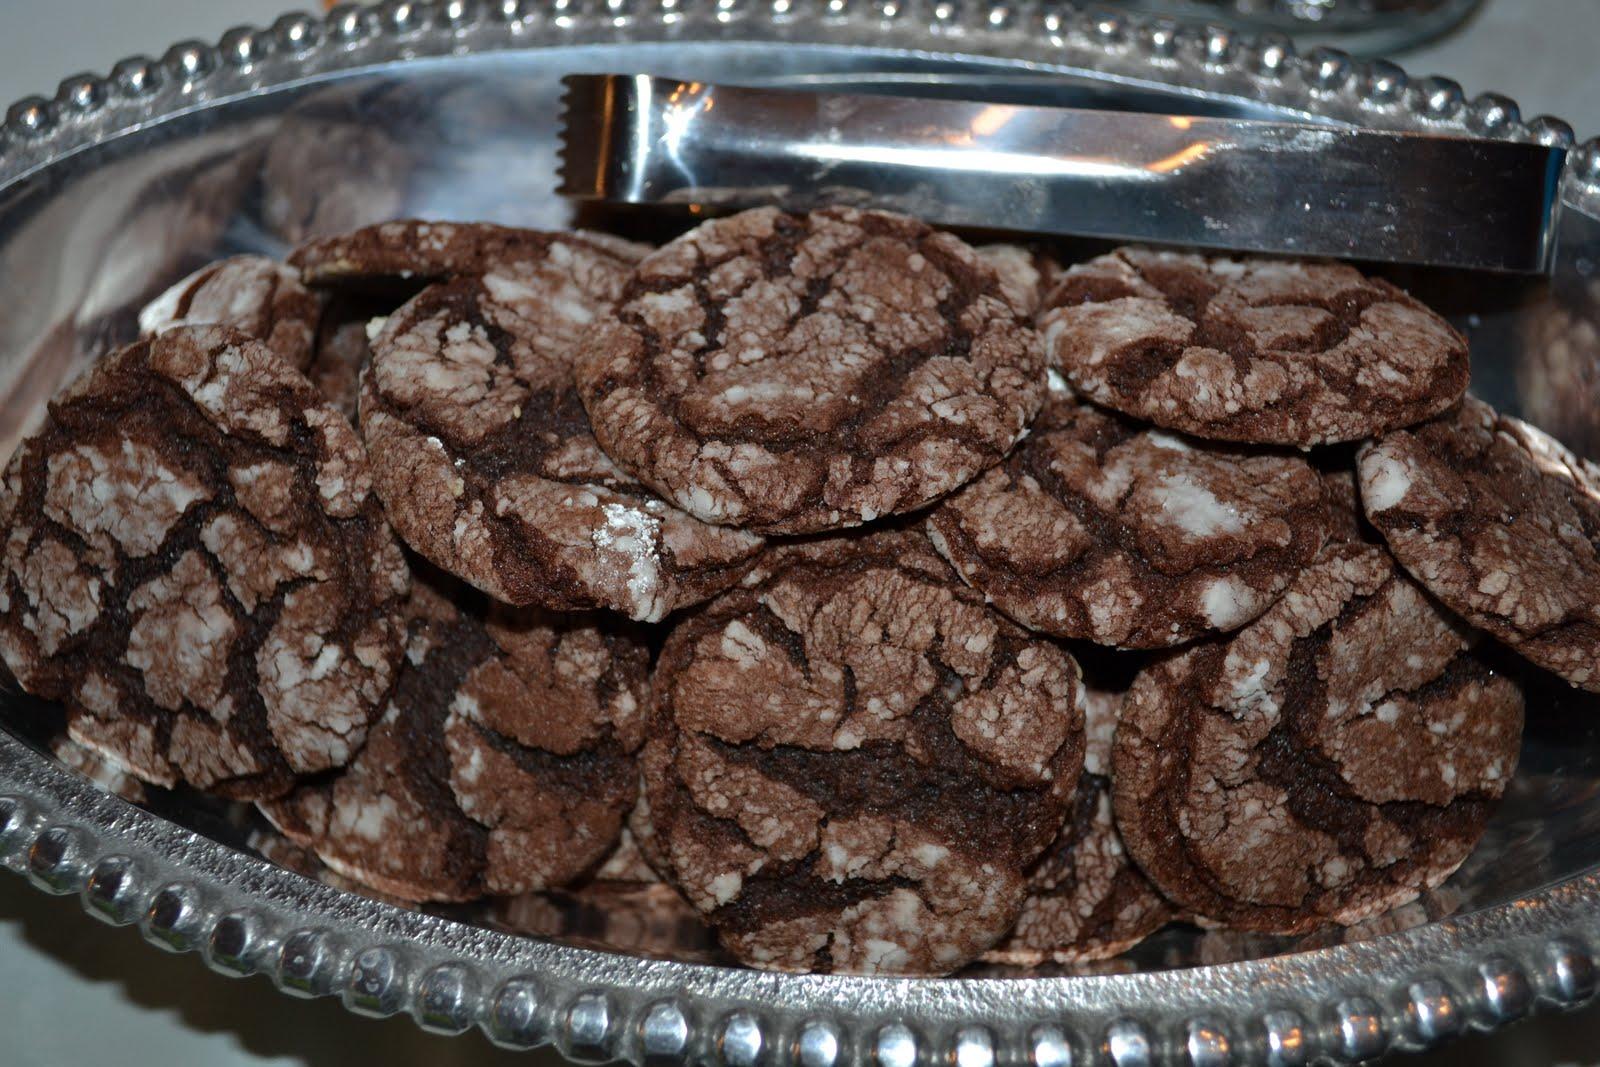 Milk Chocolate Vs Dark Chocolate In Cake Mix